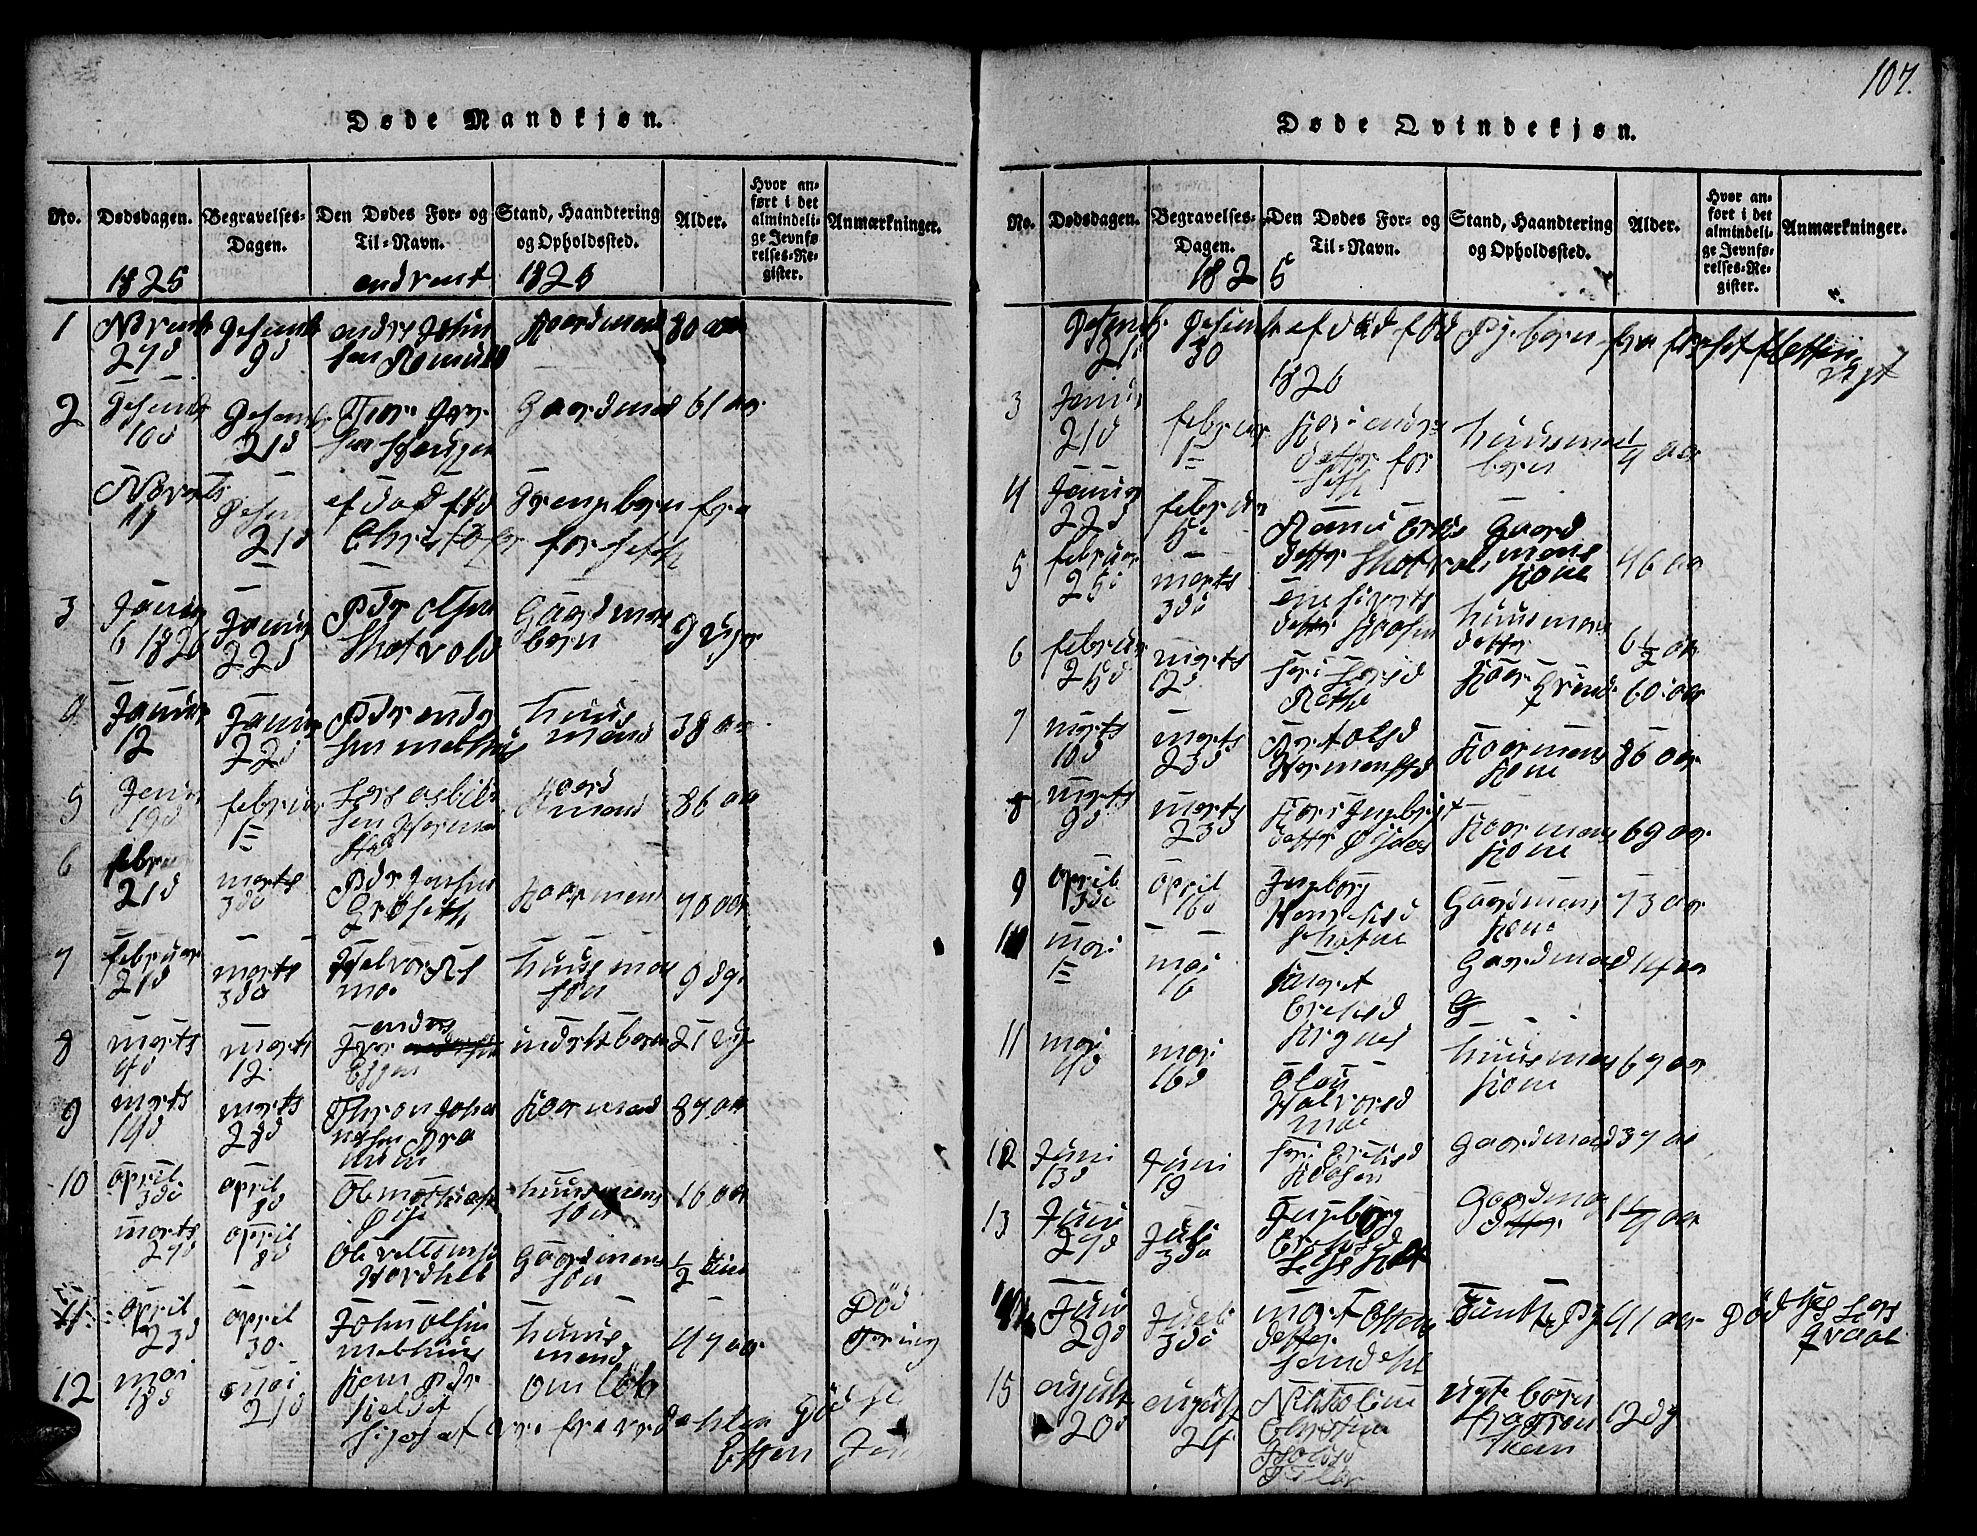 SAT, Ministerialprotokoller, klokkerbøker og fødselsregistre - Sør-Trøndelag, 691/L1092: Klokkerbok nr. 691C03, 1816-1852, s. 107